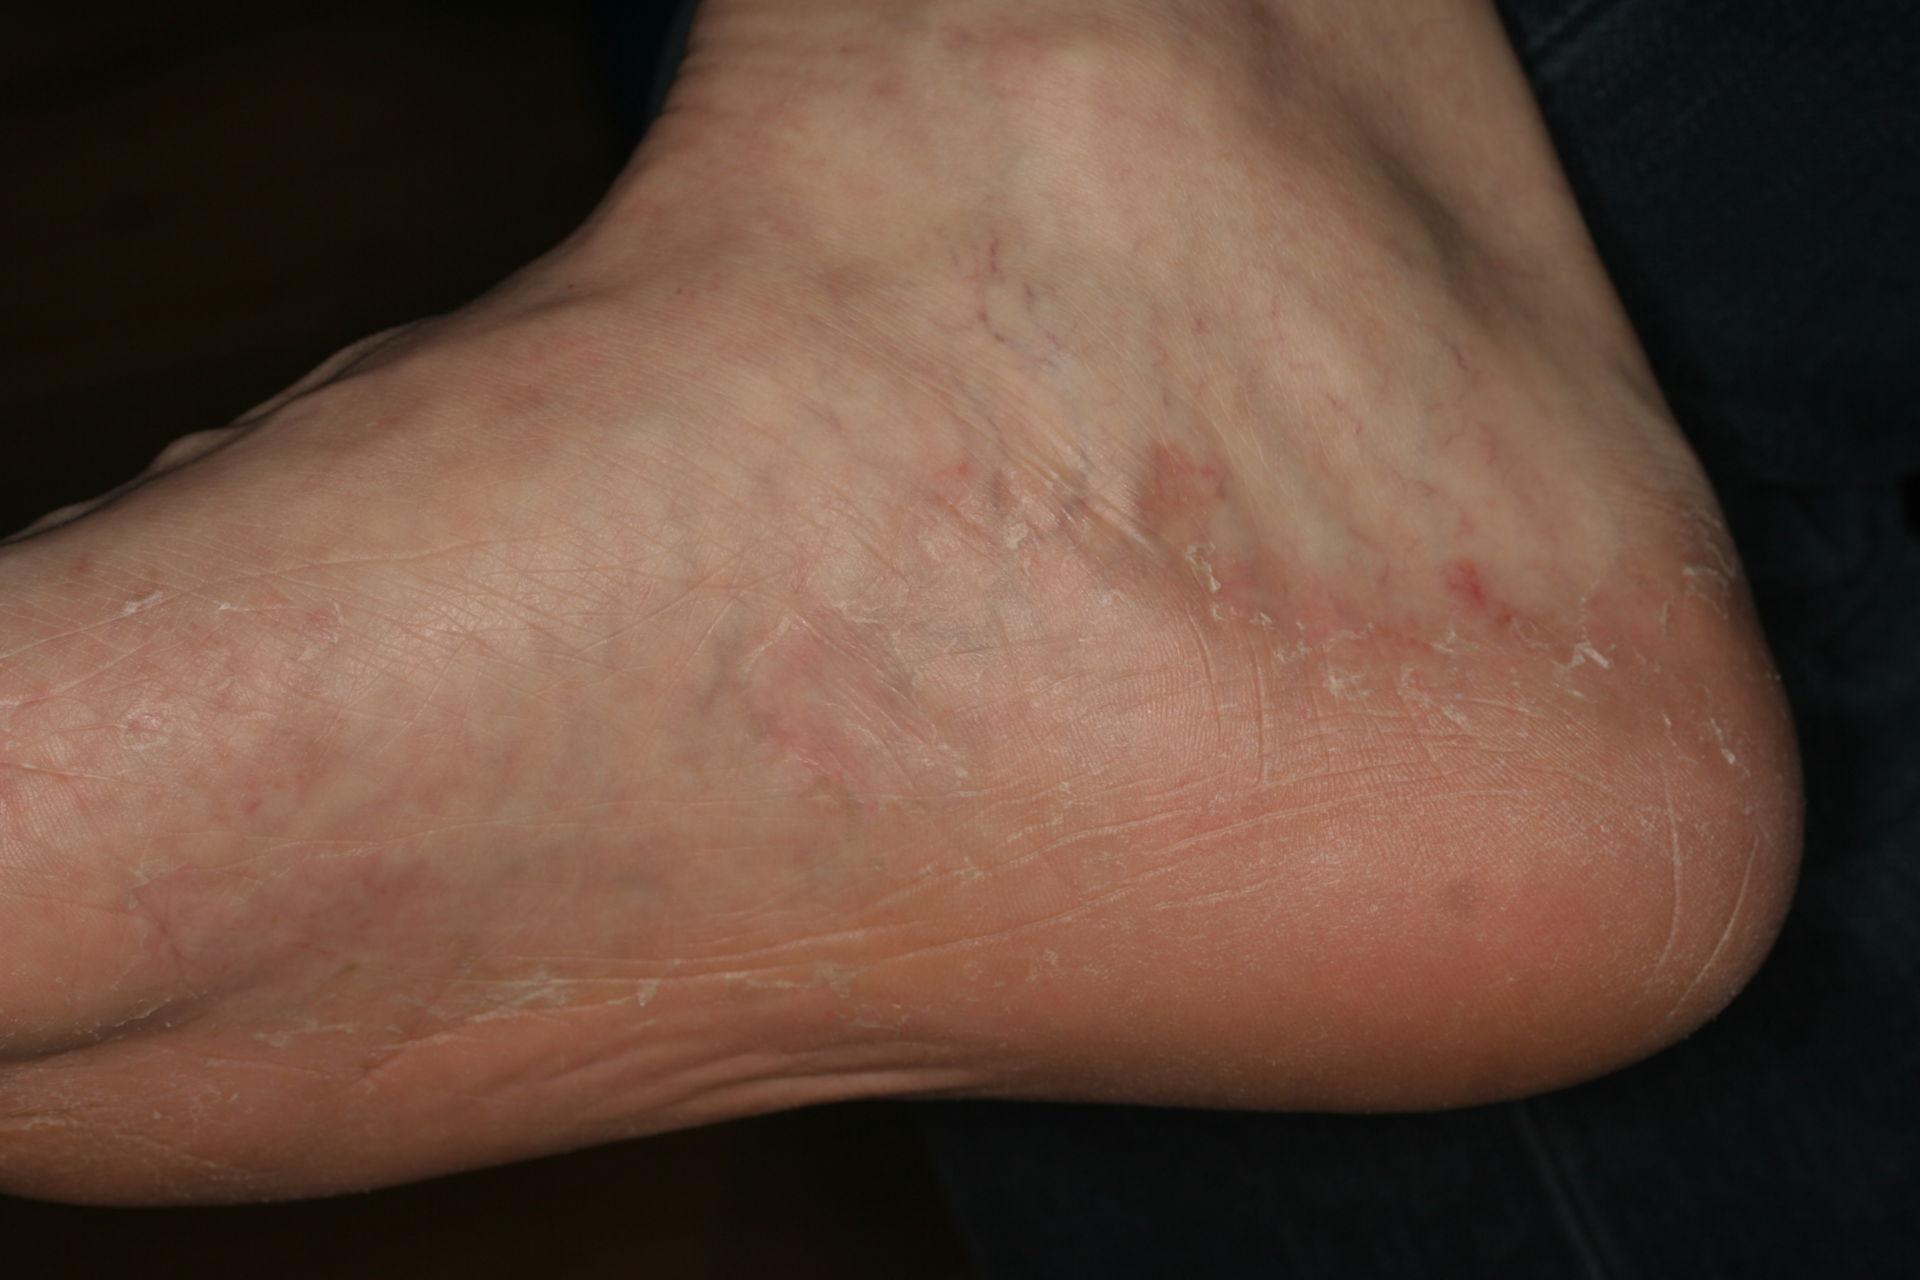 Athlete's foot - Tinea pedis